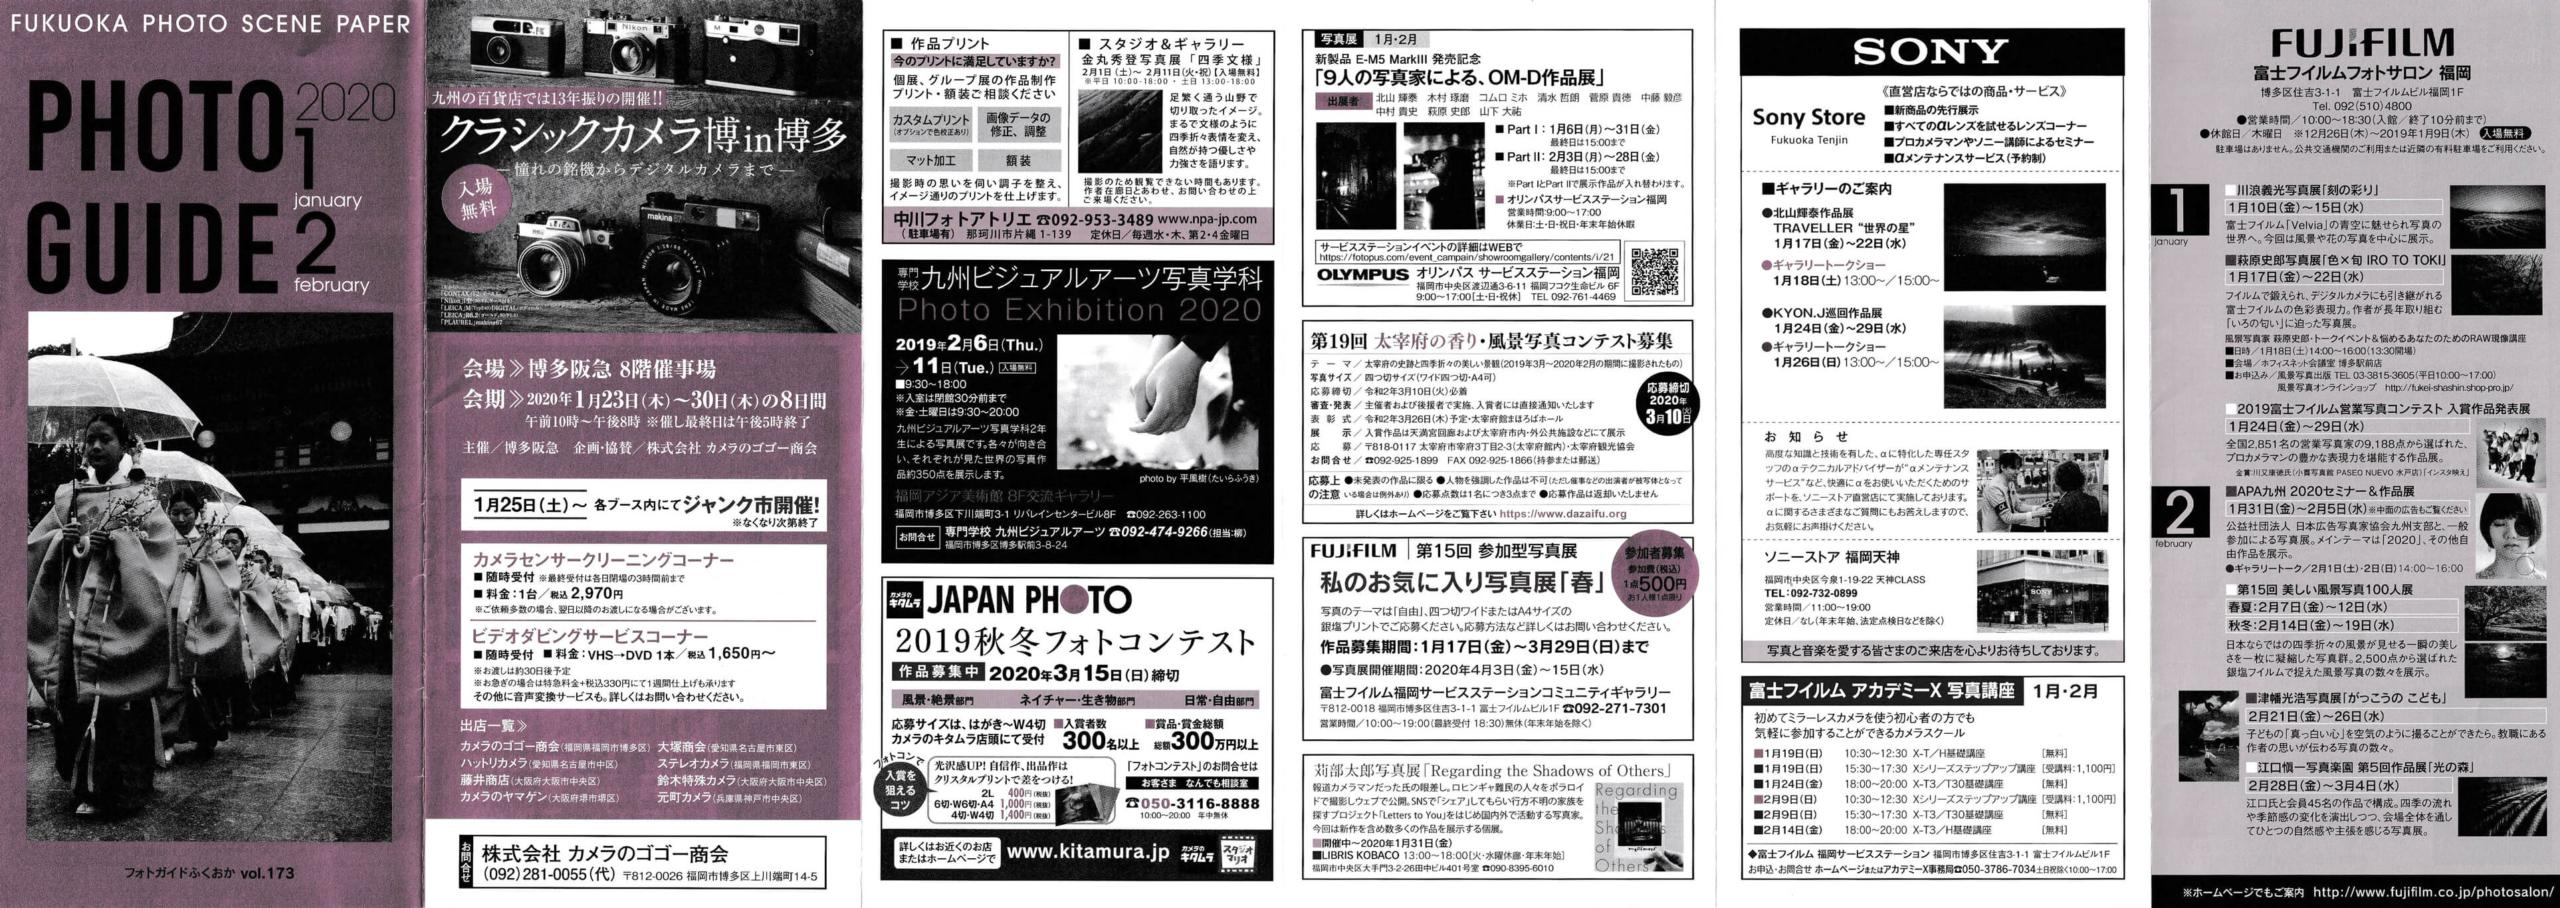 フォトガイドふくおか|アーカイブ|vol173